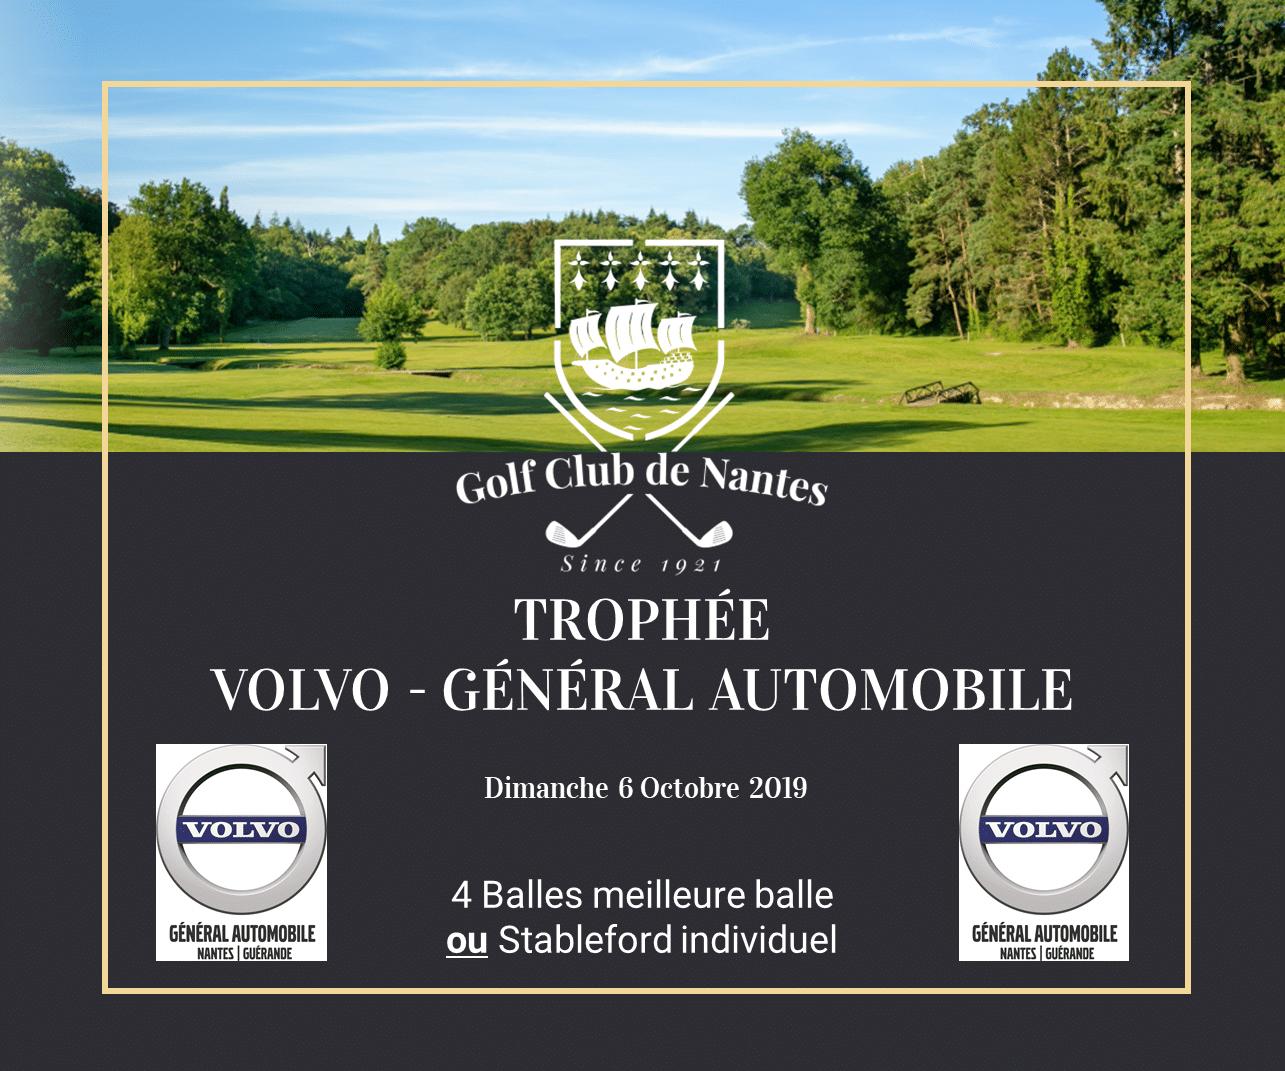 Trophée Volvo – Général Automobile